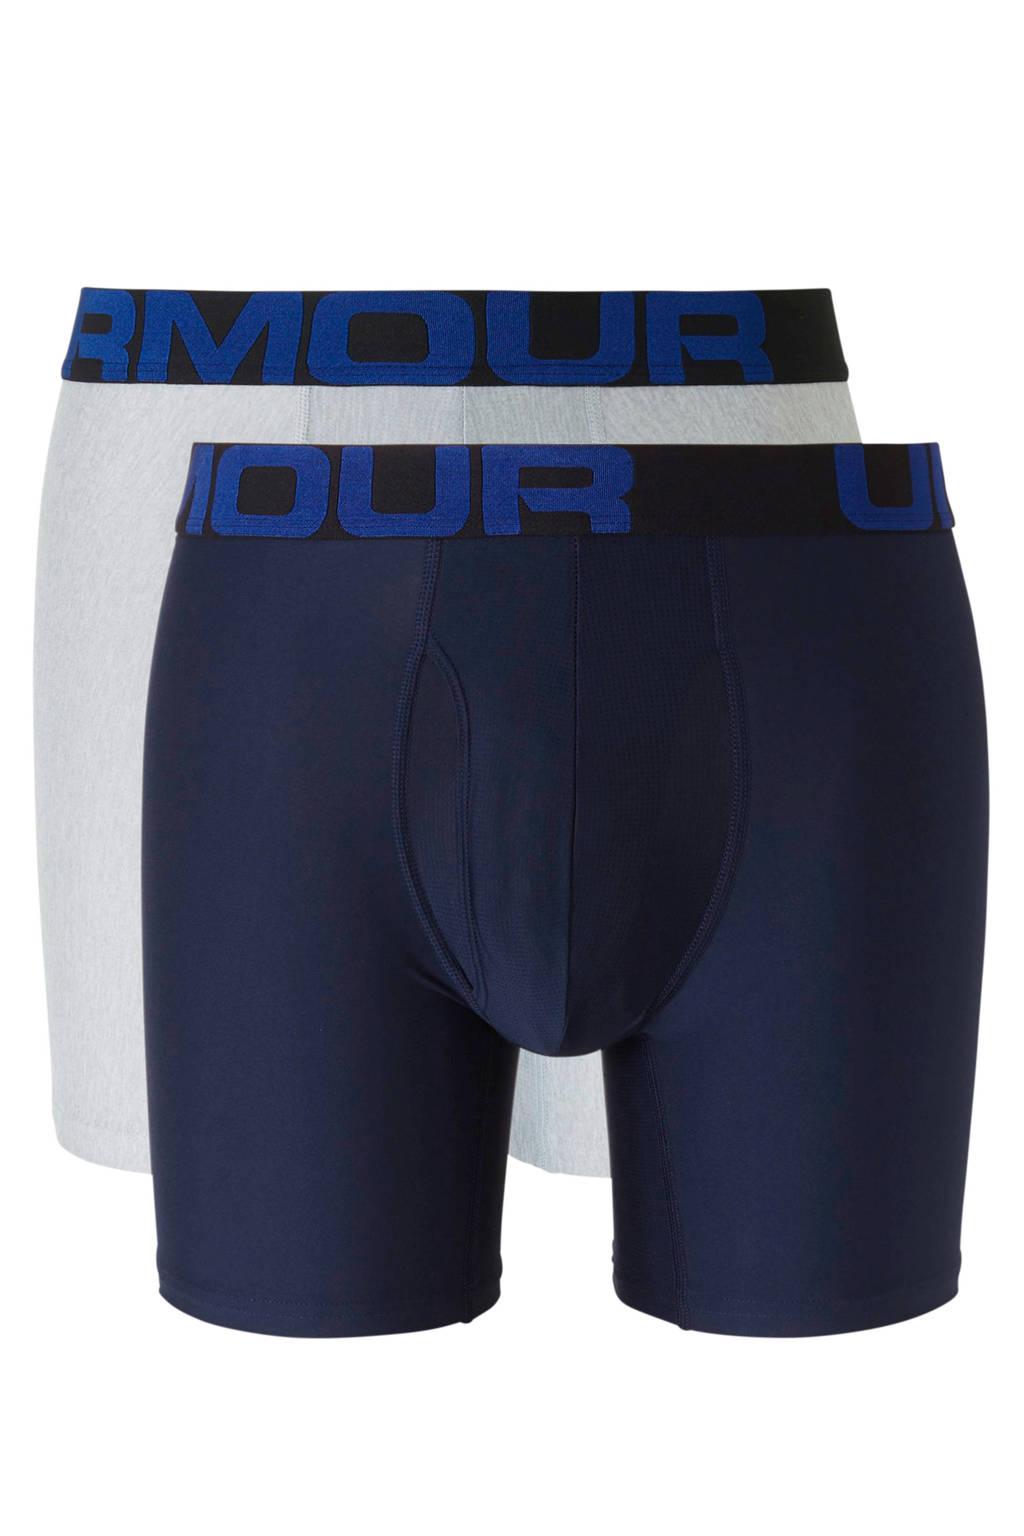 Under Armour sportboxer (set van 2) donkerblauw, Donkerblauw/grijs